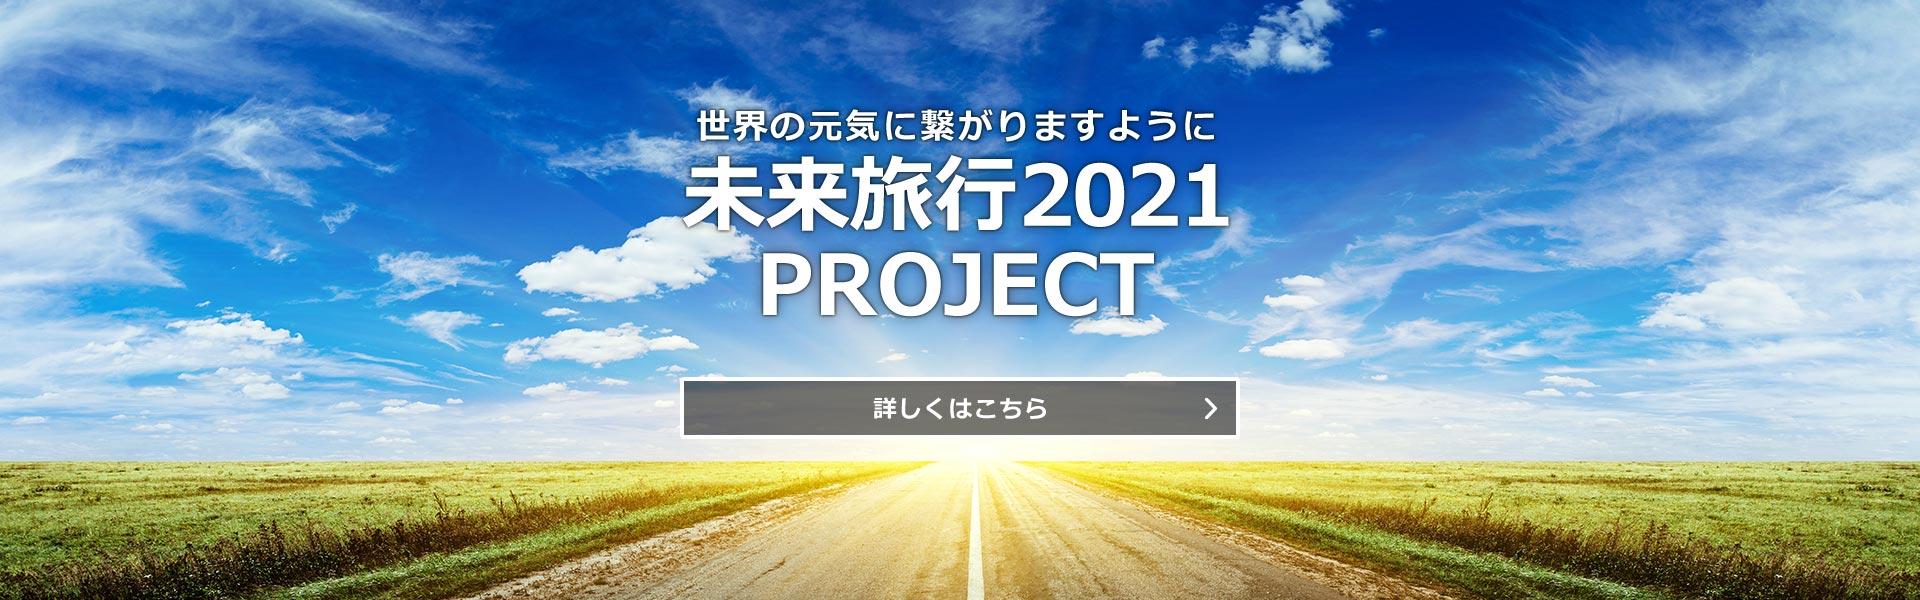 未来旅行2021プロジェクト